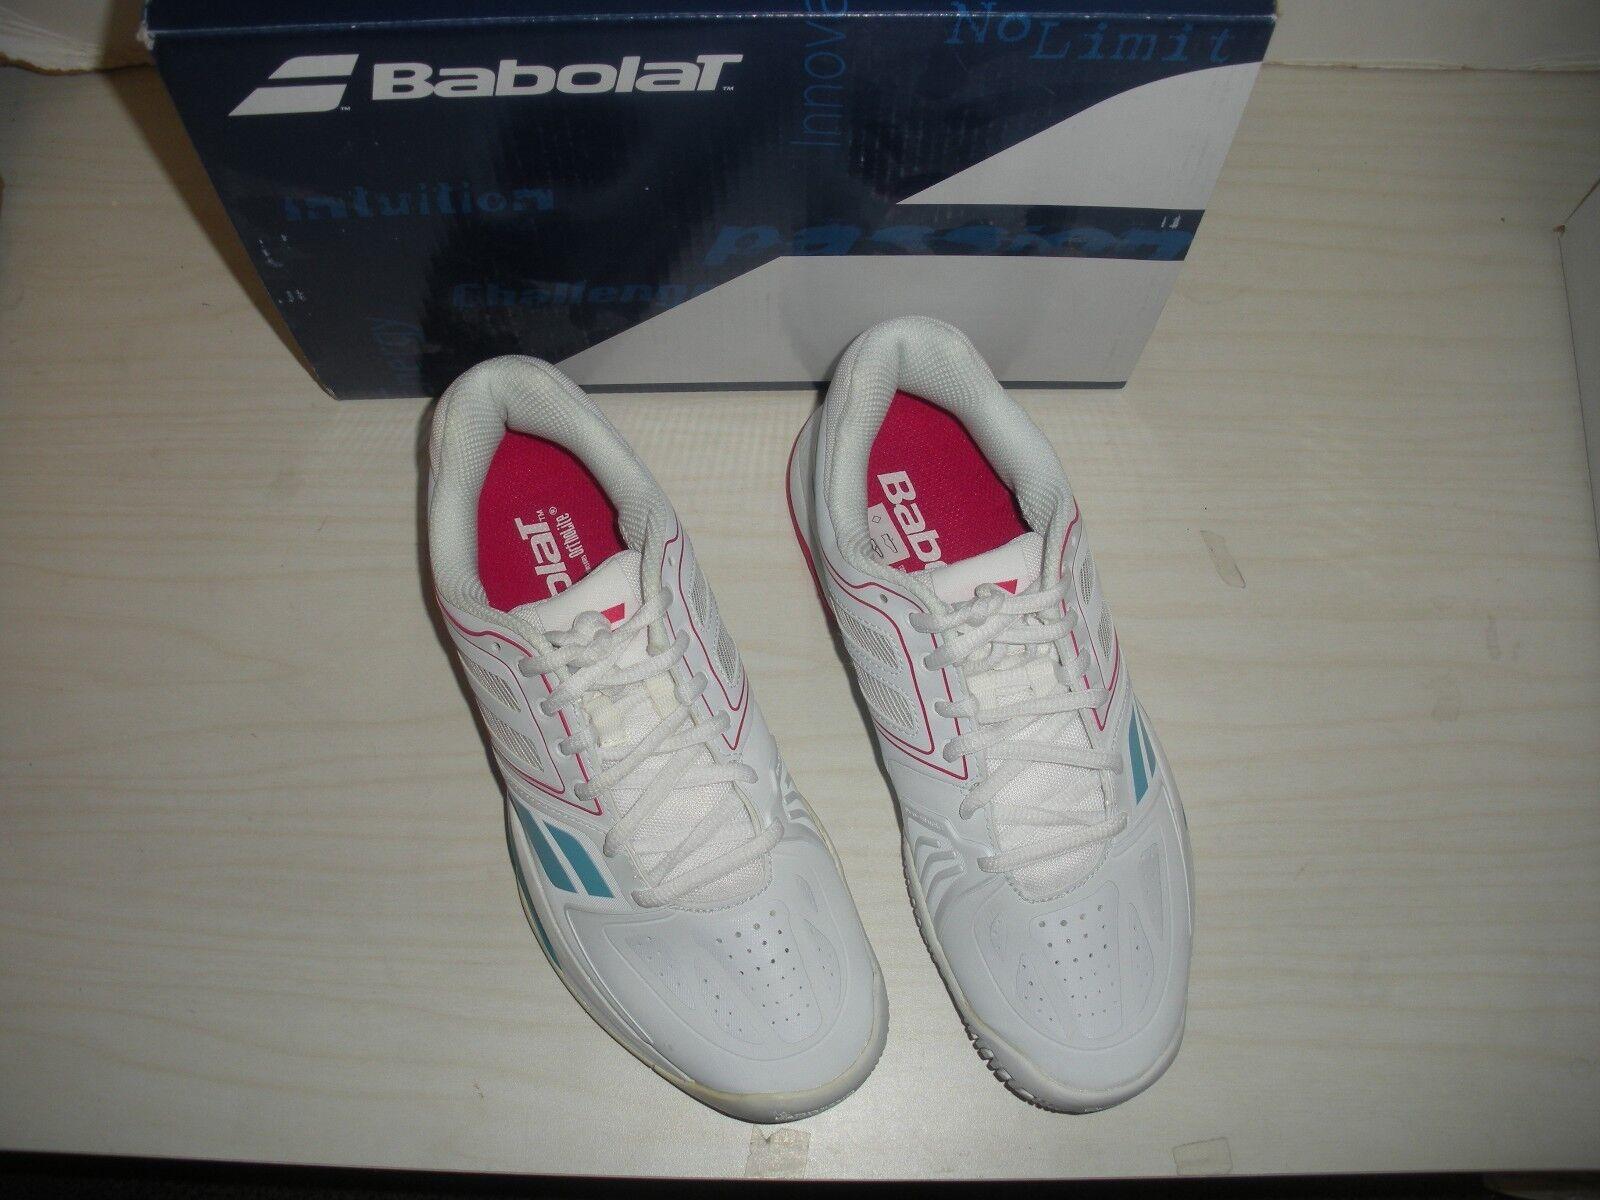 BABOLAT Damenschuhe PROPULSE TEAM - BPM AC TENNIS Schuhe - TEAM SNEAKERS -31S1501-Weiß/ PINK 0cfde1